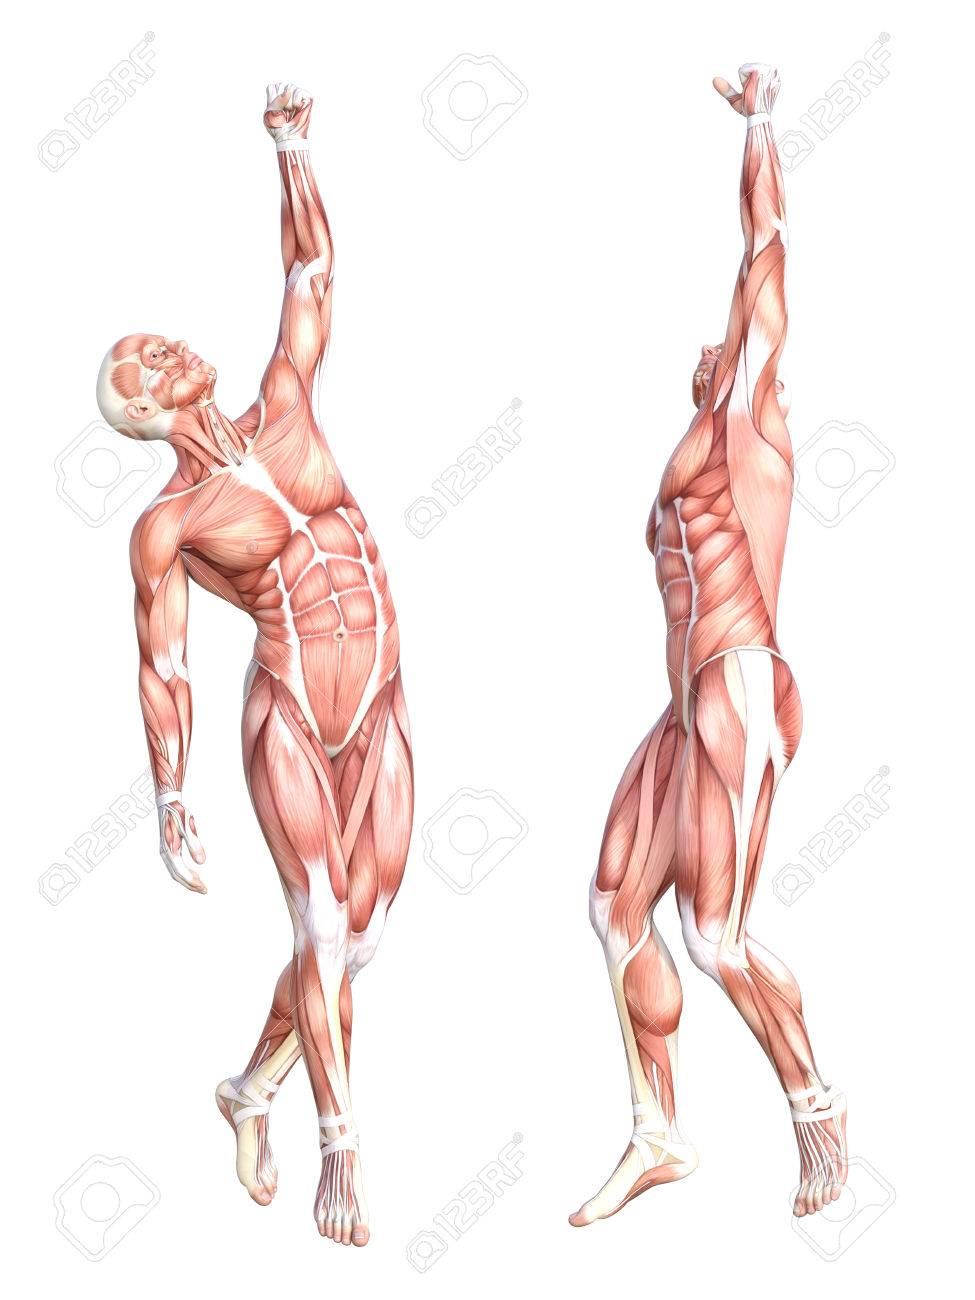 Beste Muskelsystem Bilder Beschriftet Bilder - Menschliche Anatomie ...